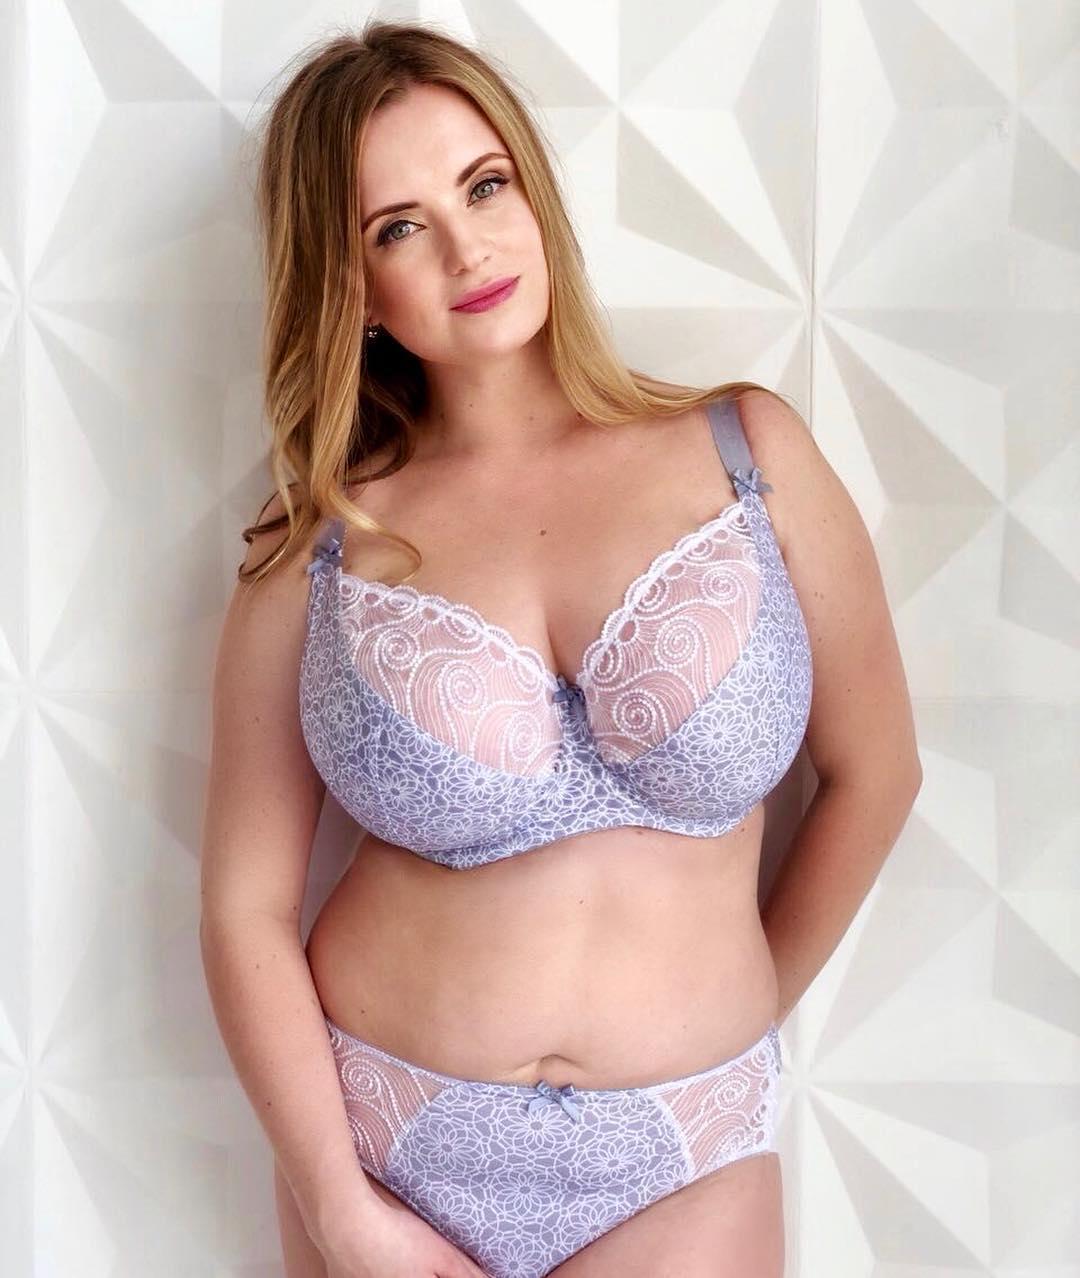 Женское белье больших размеров казань большие сиськи в кружевном белье